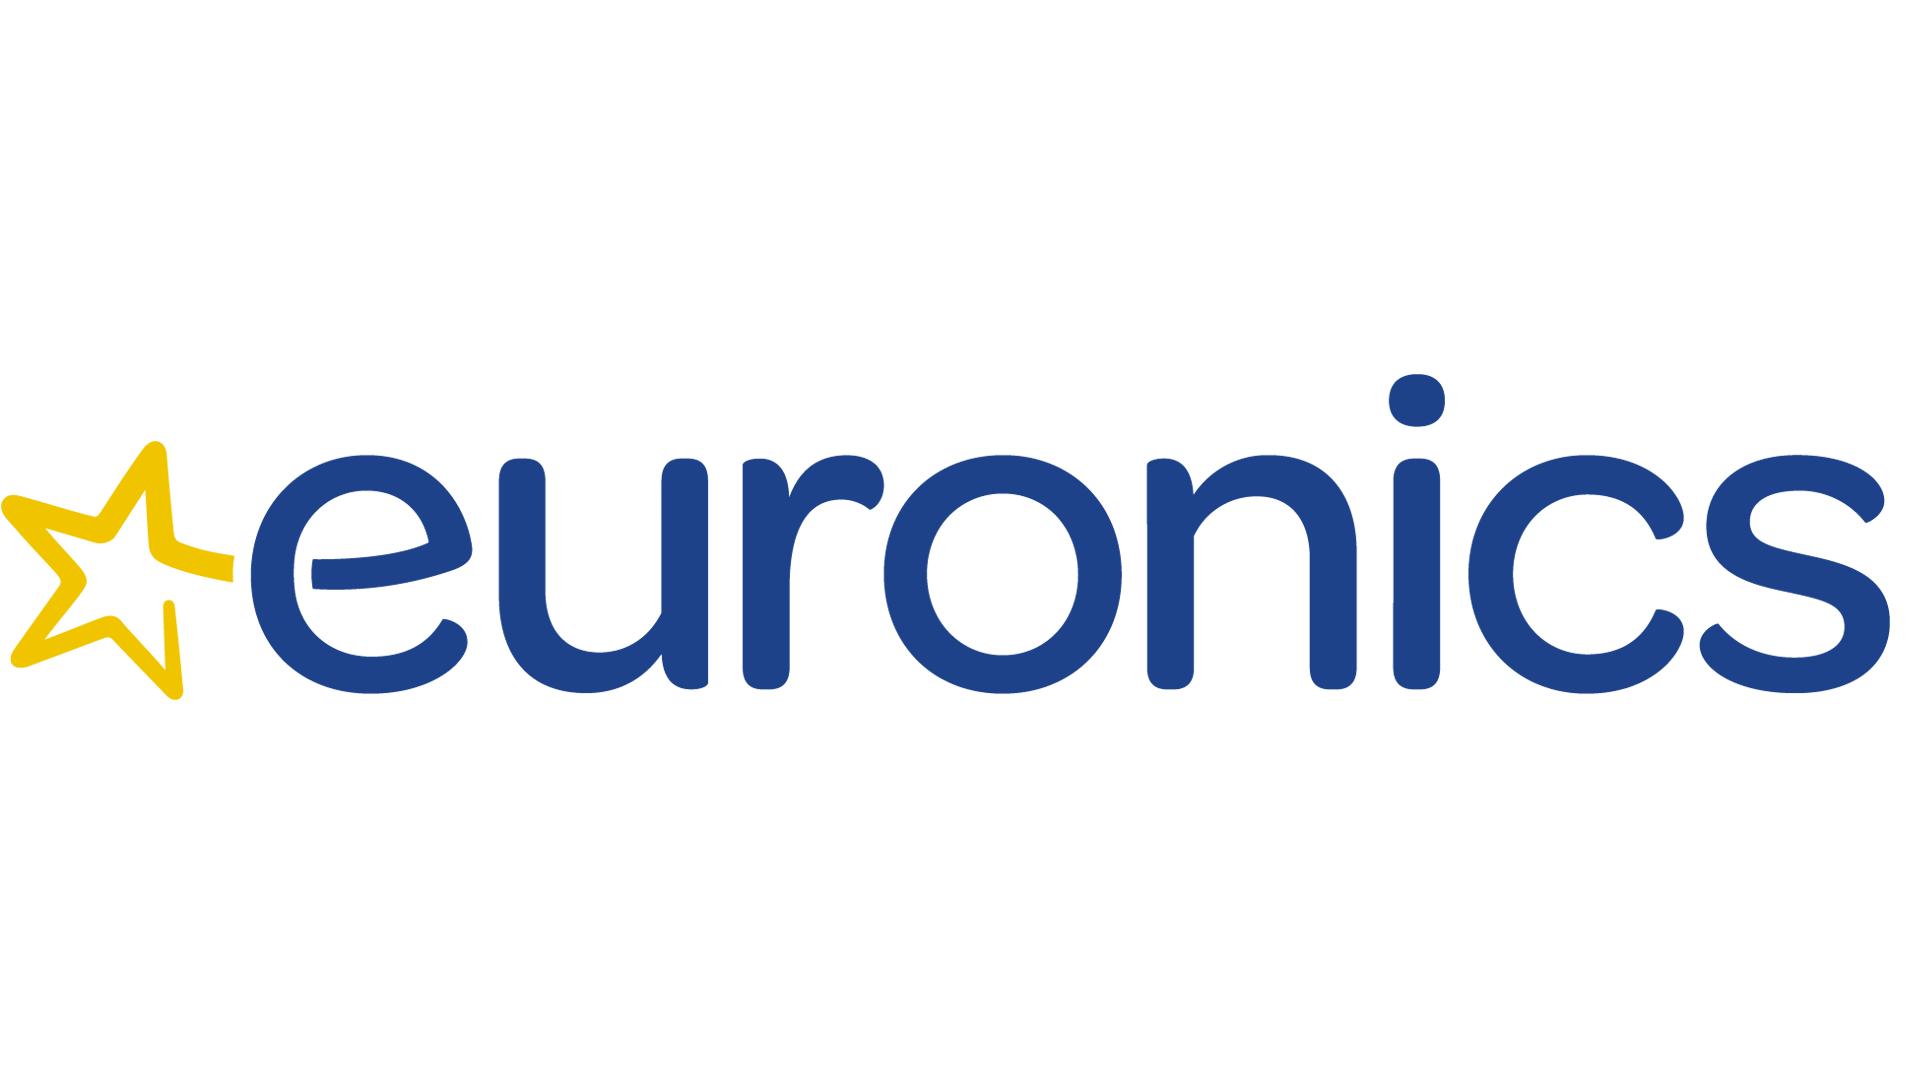 Euronics - Best of electronics!